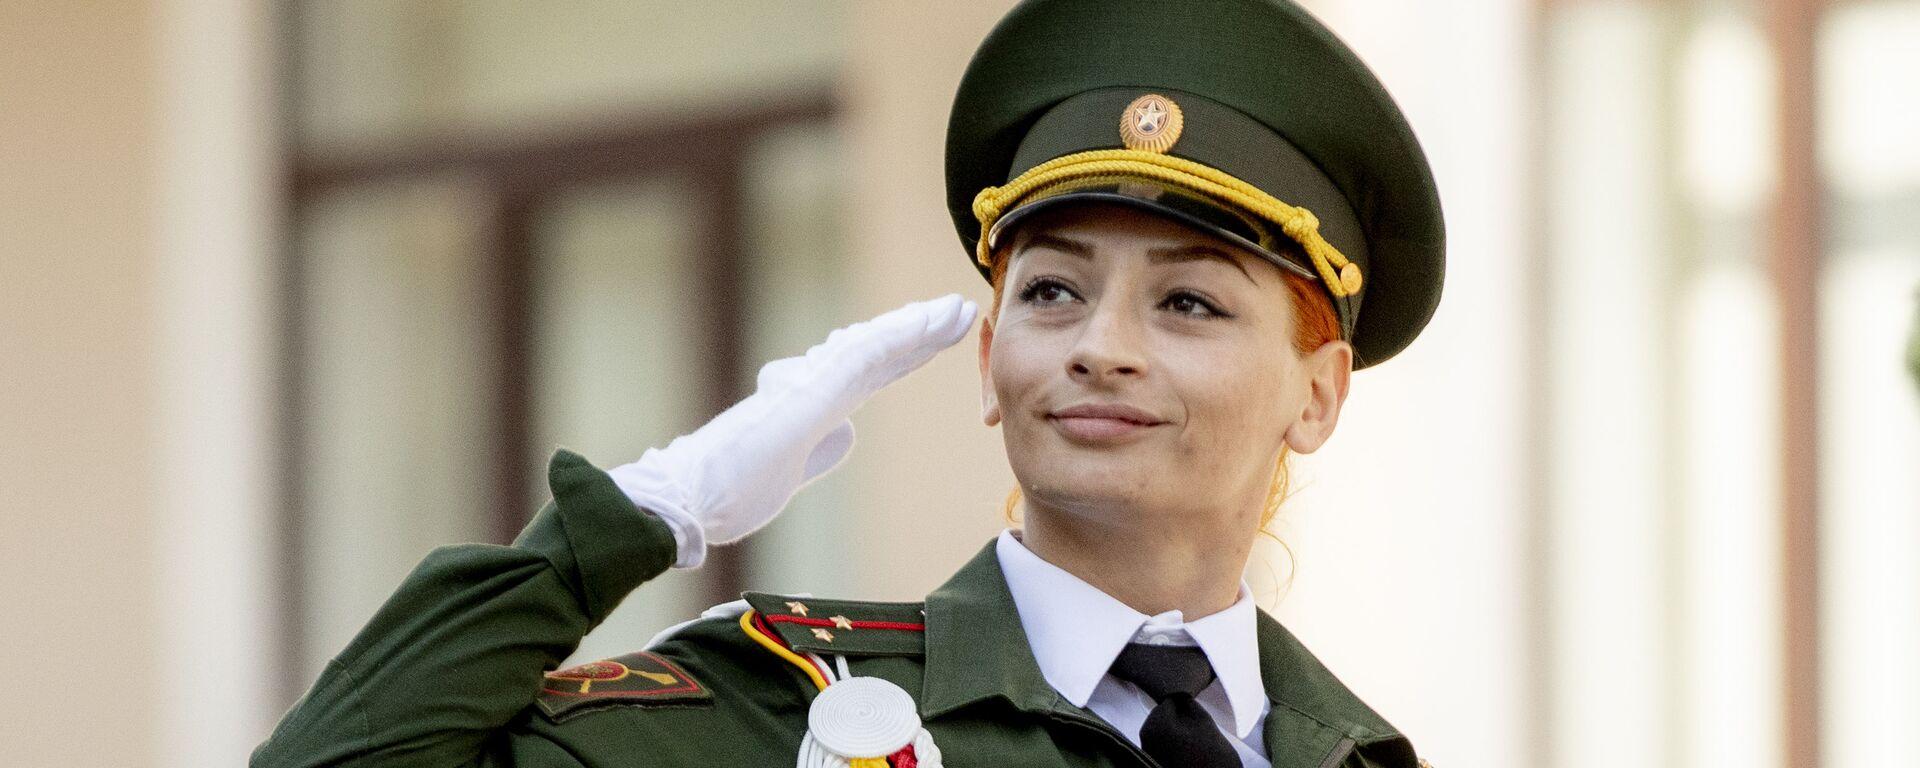 Военный парад - Sputnik Южная Осетия, 1920, 22.04.2021